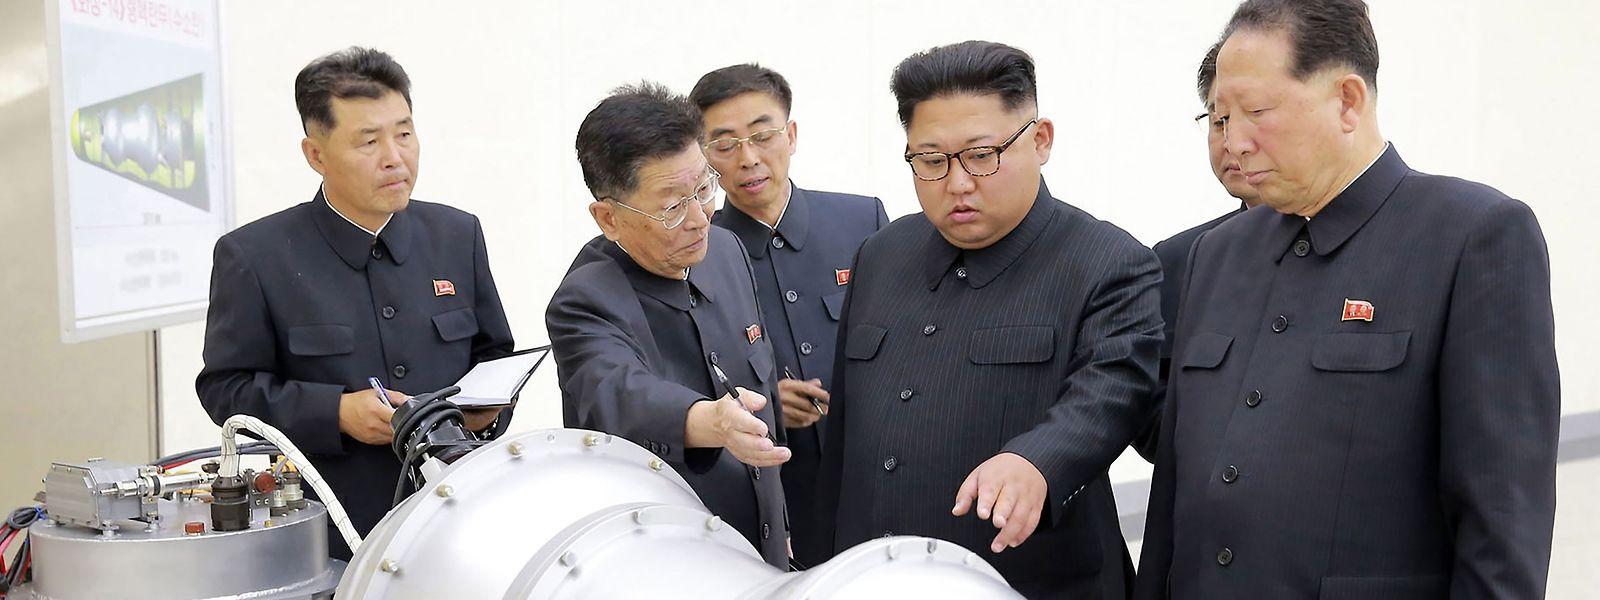 """Kim Jong-un (2.v.r.) scheint nicht daran zu denken, sein Atomprogramm """"umgehend"""" und """"unumkehrbar"""" aufzugeben, wie es die G7 jetzt gefordert haben."""